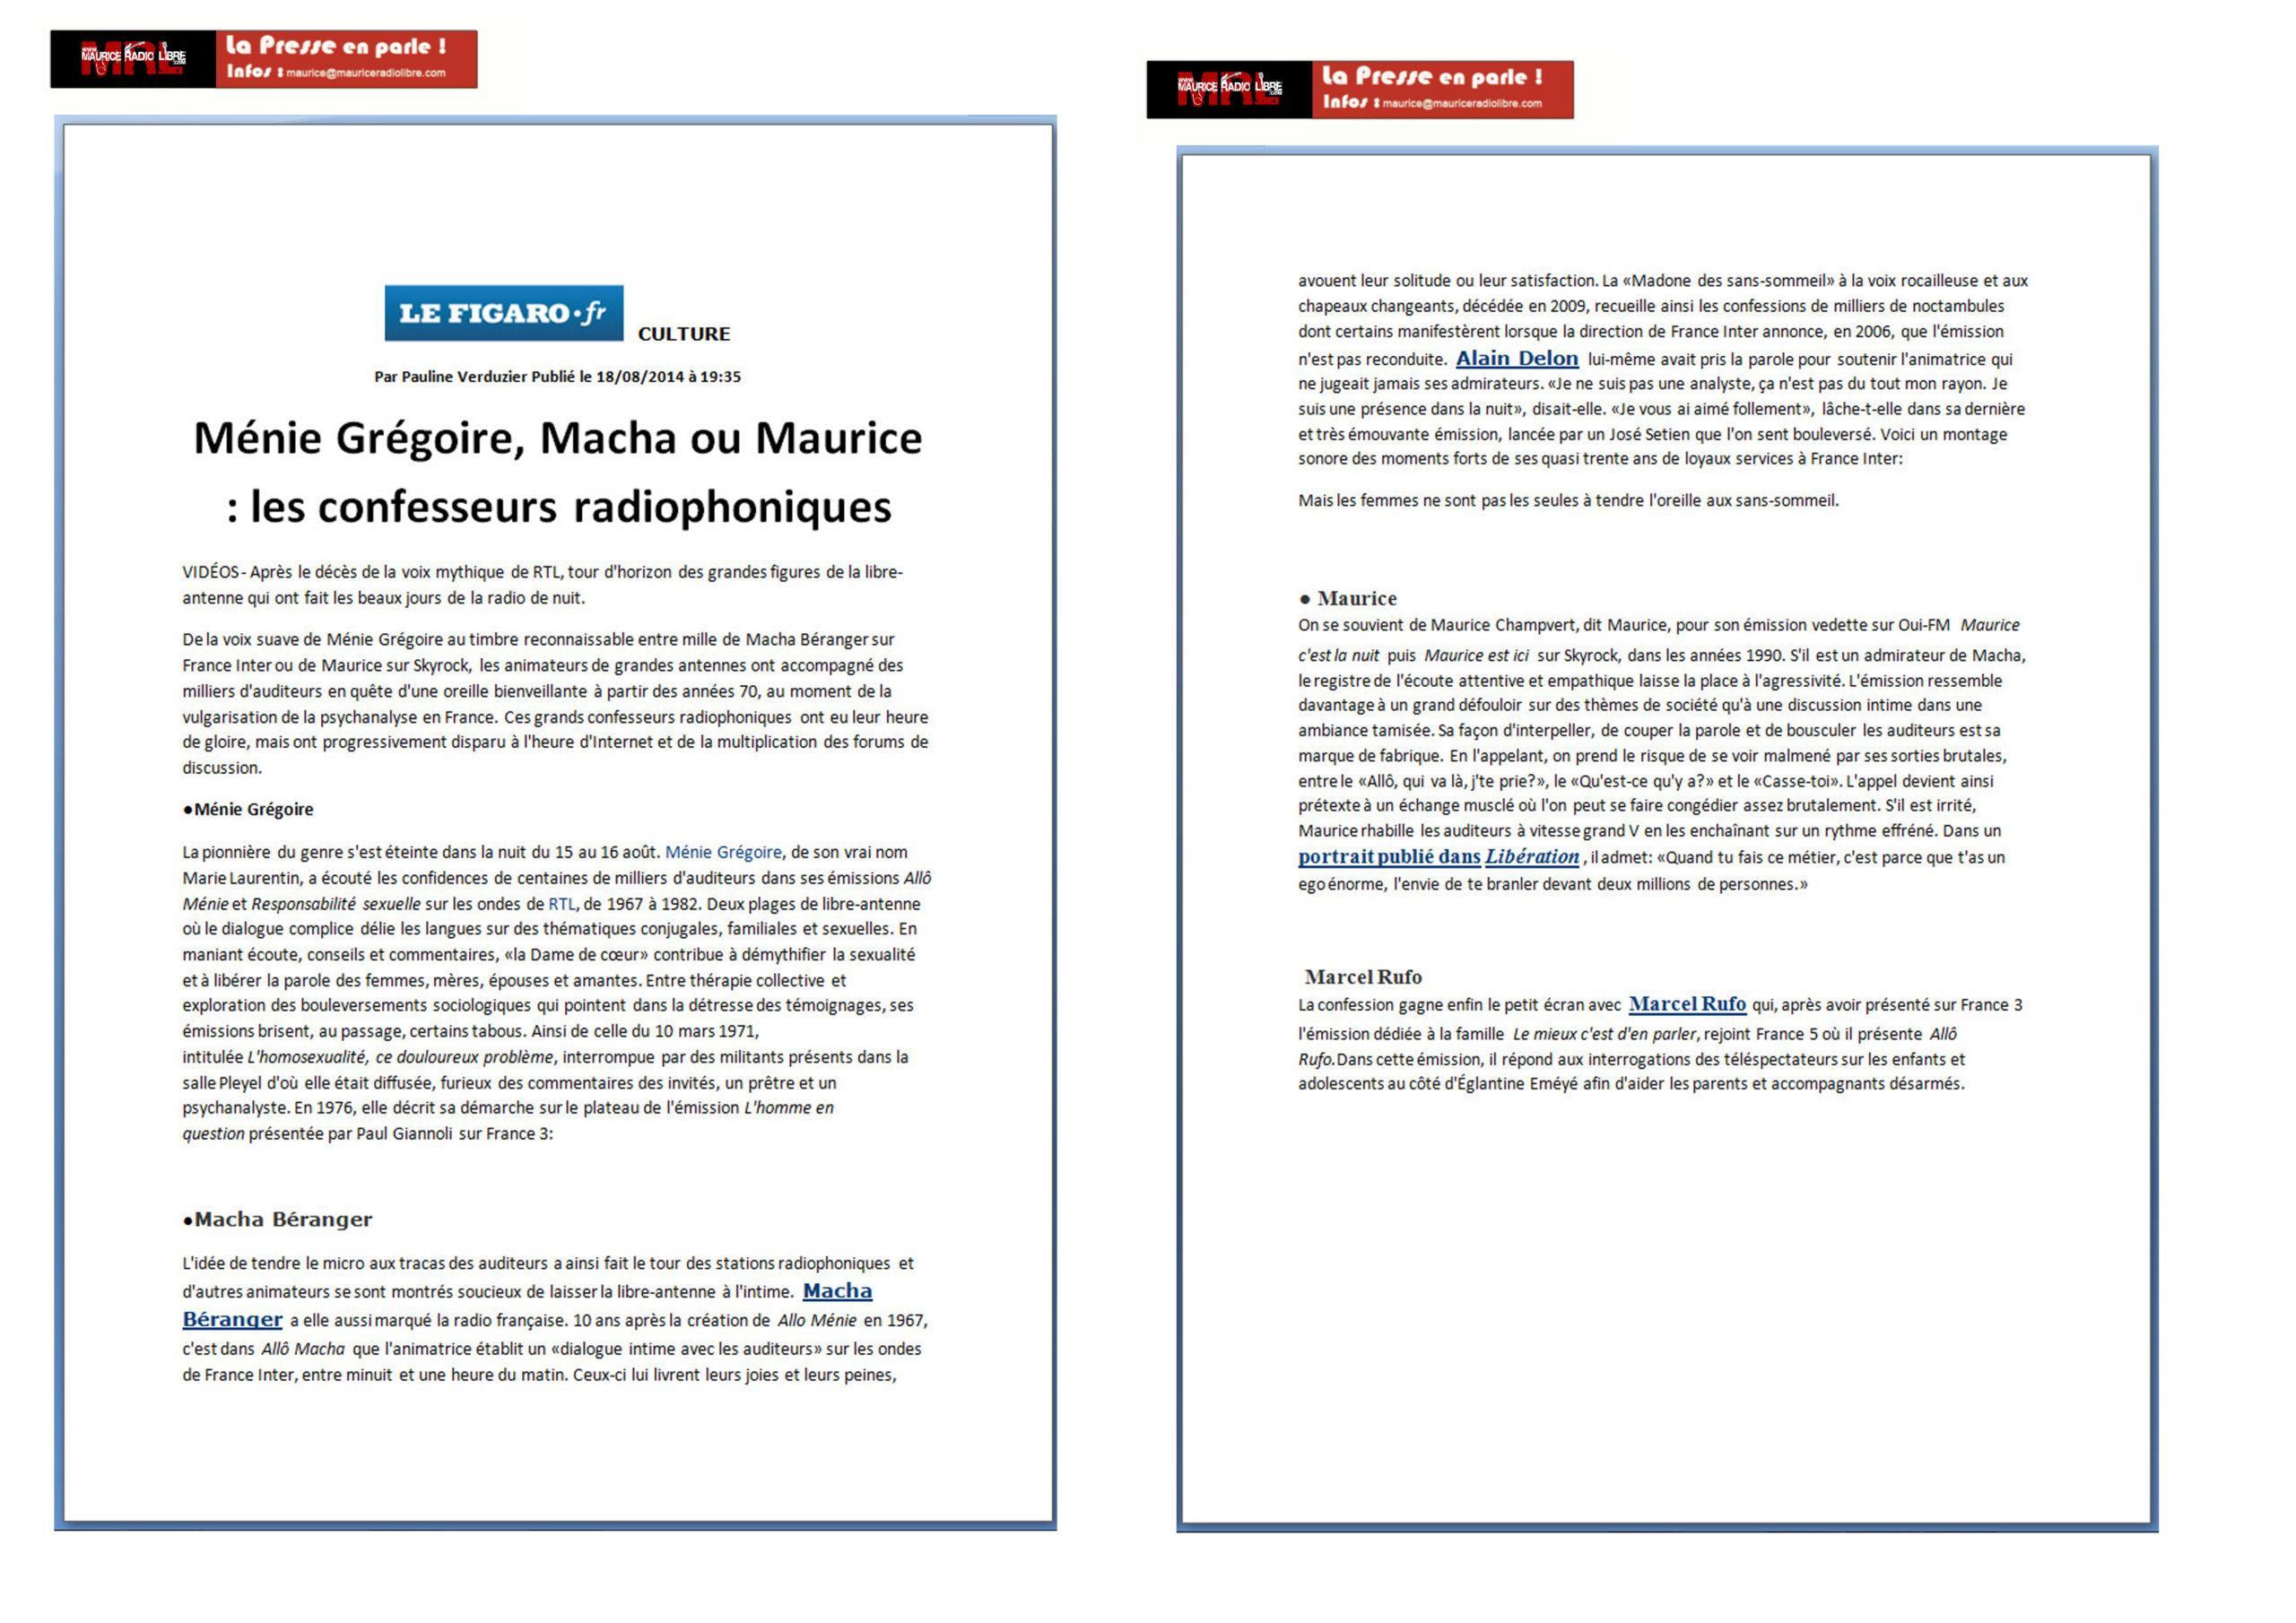 vignette LE FIGARO.FR Ménie Grégoire, Macha ou Maurice : les confesseurs radiophoniques - 18/08/2014